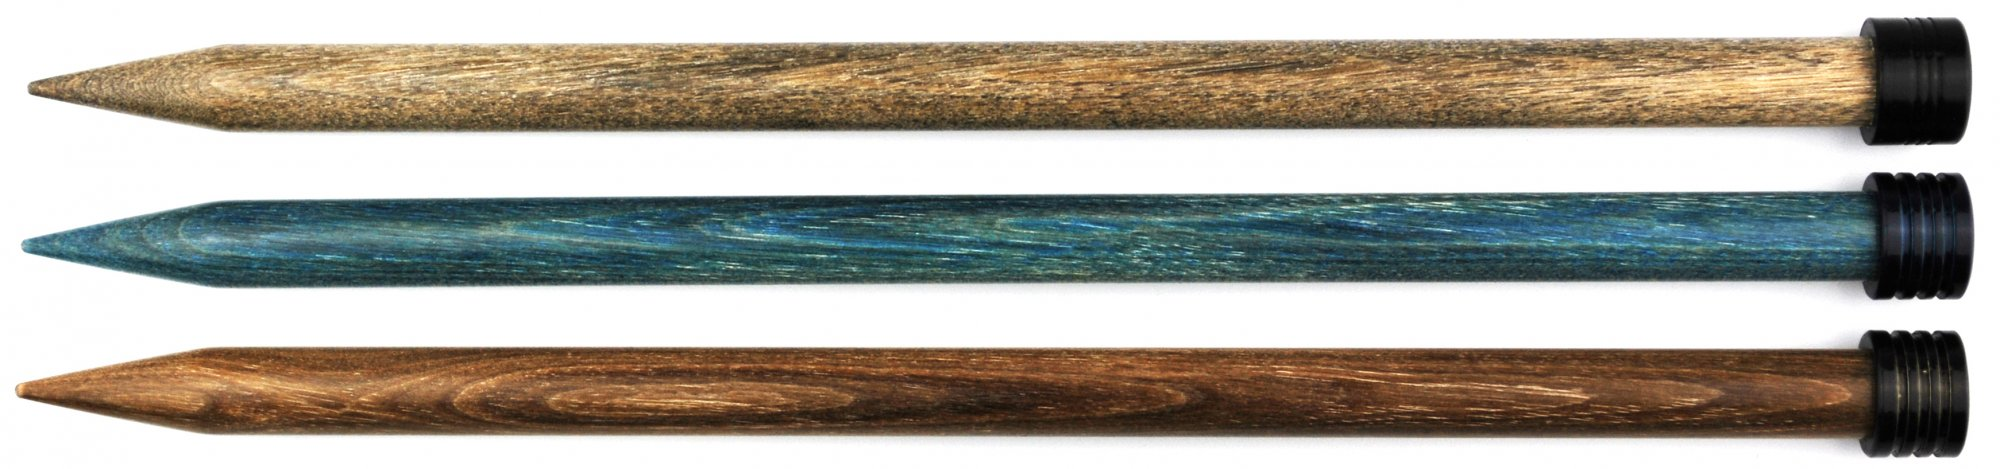 Lykke Driftwood STR 10 - 10''